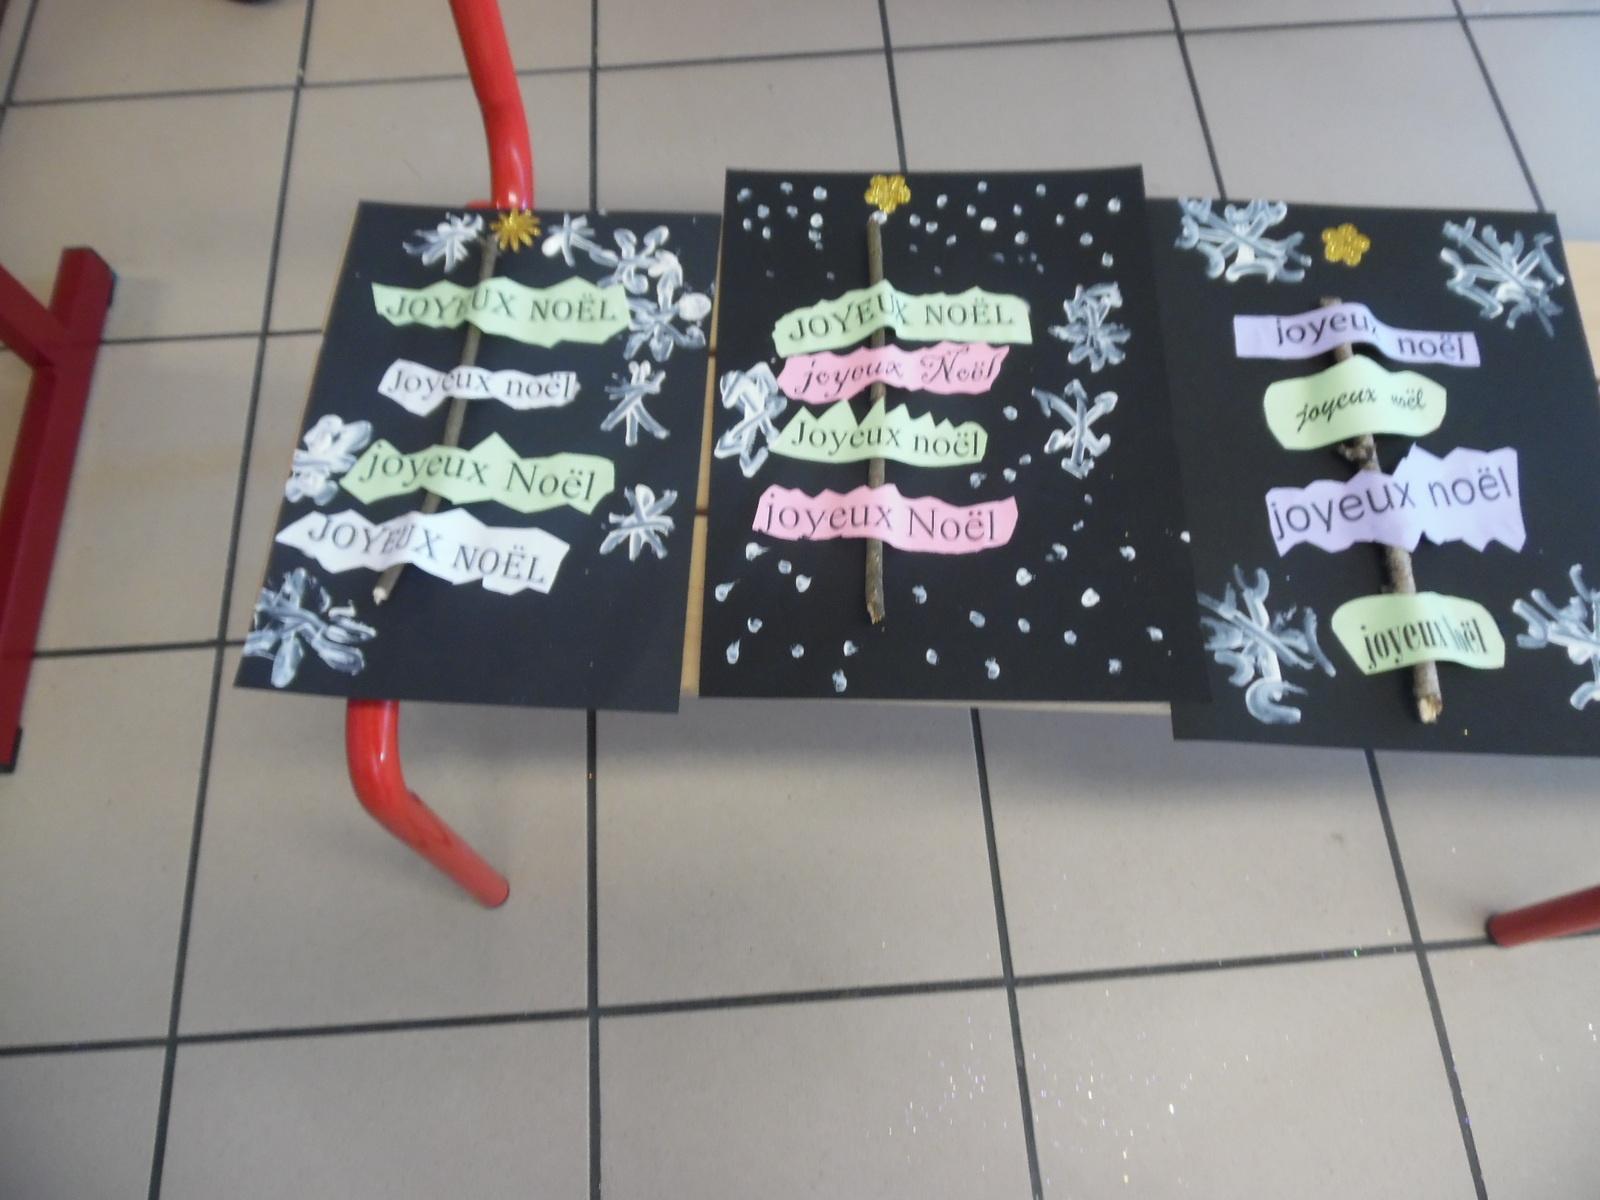 Cartes De Noël Des Gs/cp - Le Blog De Mouguerre Elizaberry concernant Carte Noel Gs